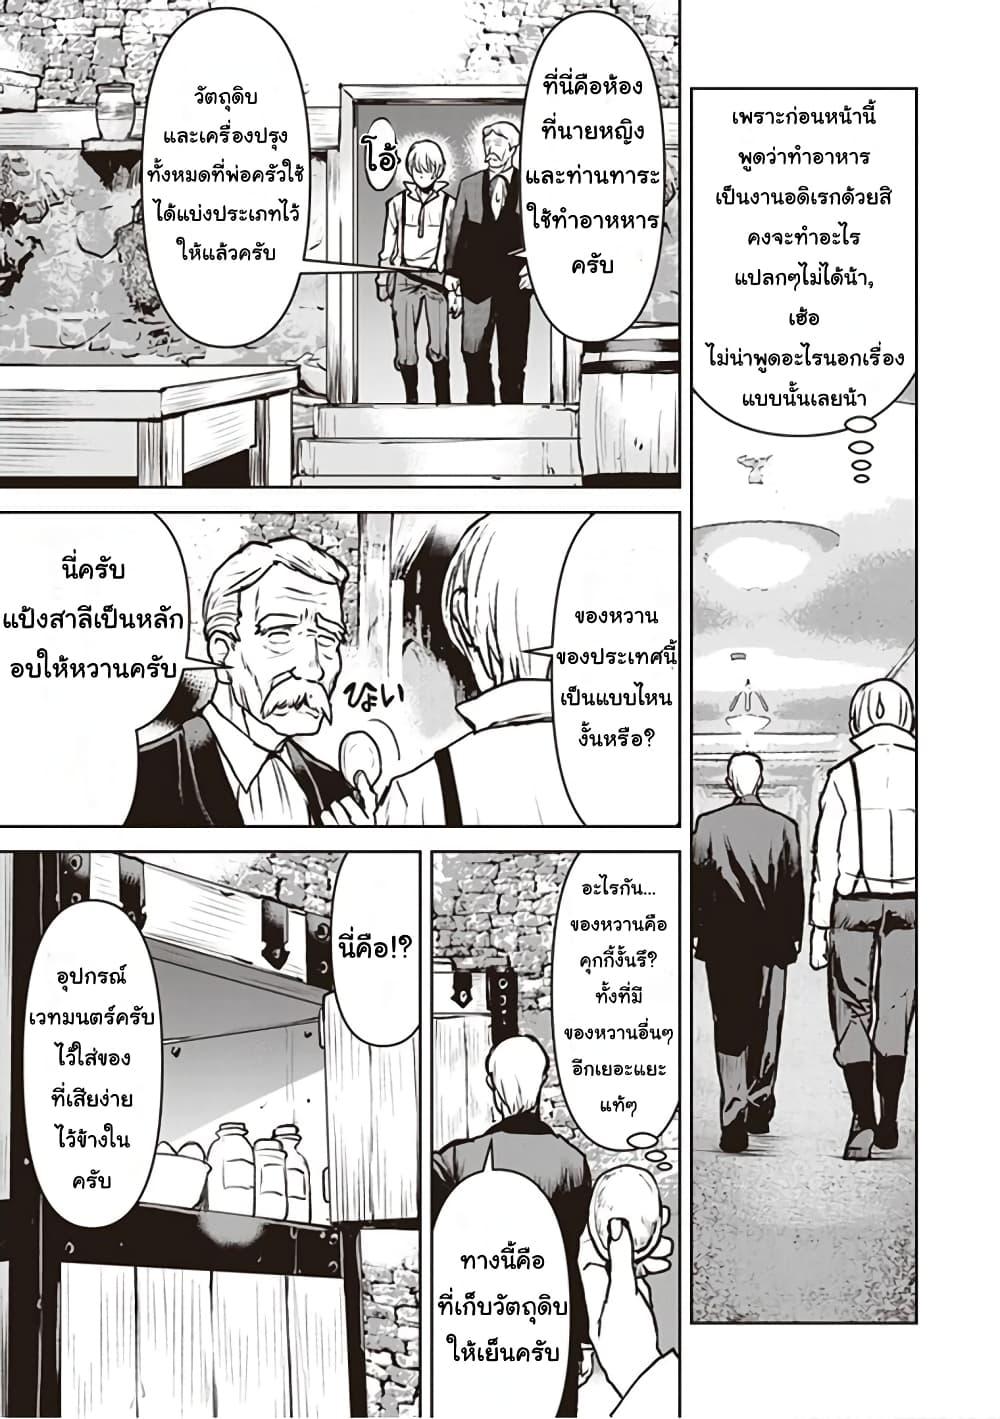 อ่านการ์ตูน The Galactic Navy Officer Becomes an Adventurer ตอนที่ 11 หน้าที่ 25